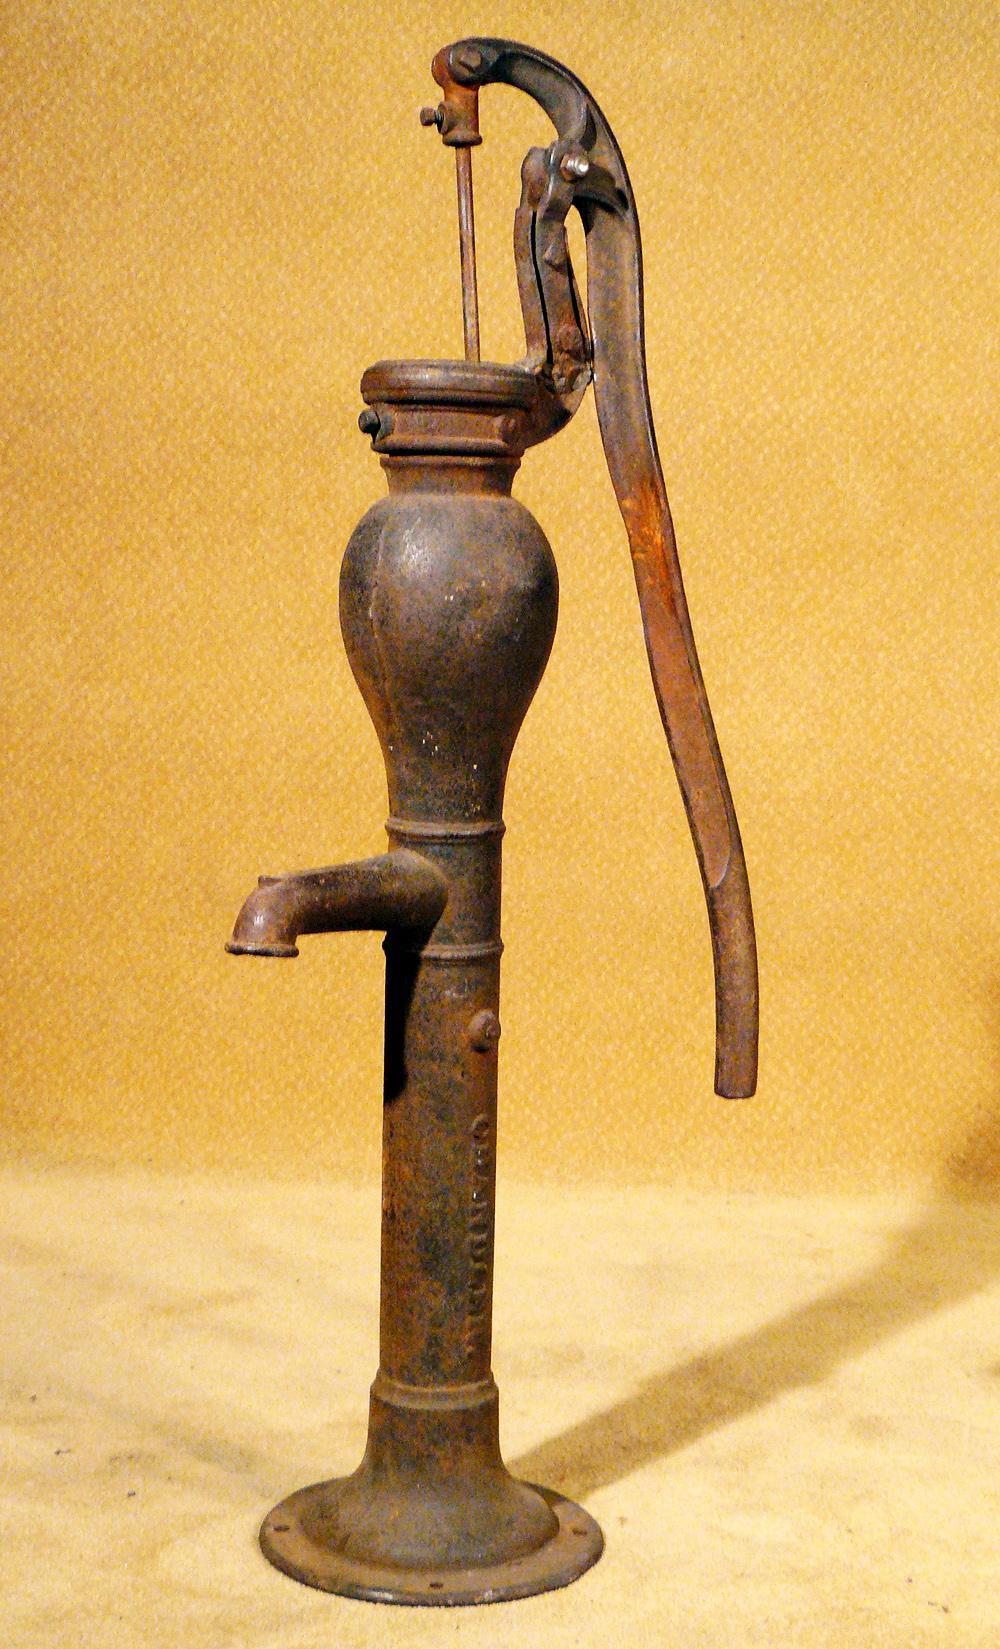 antique water pump.